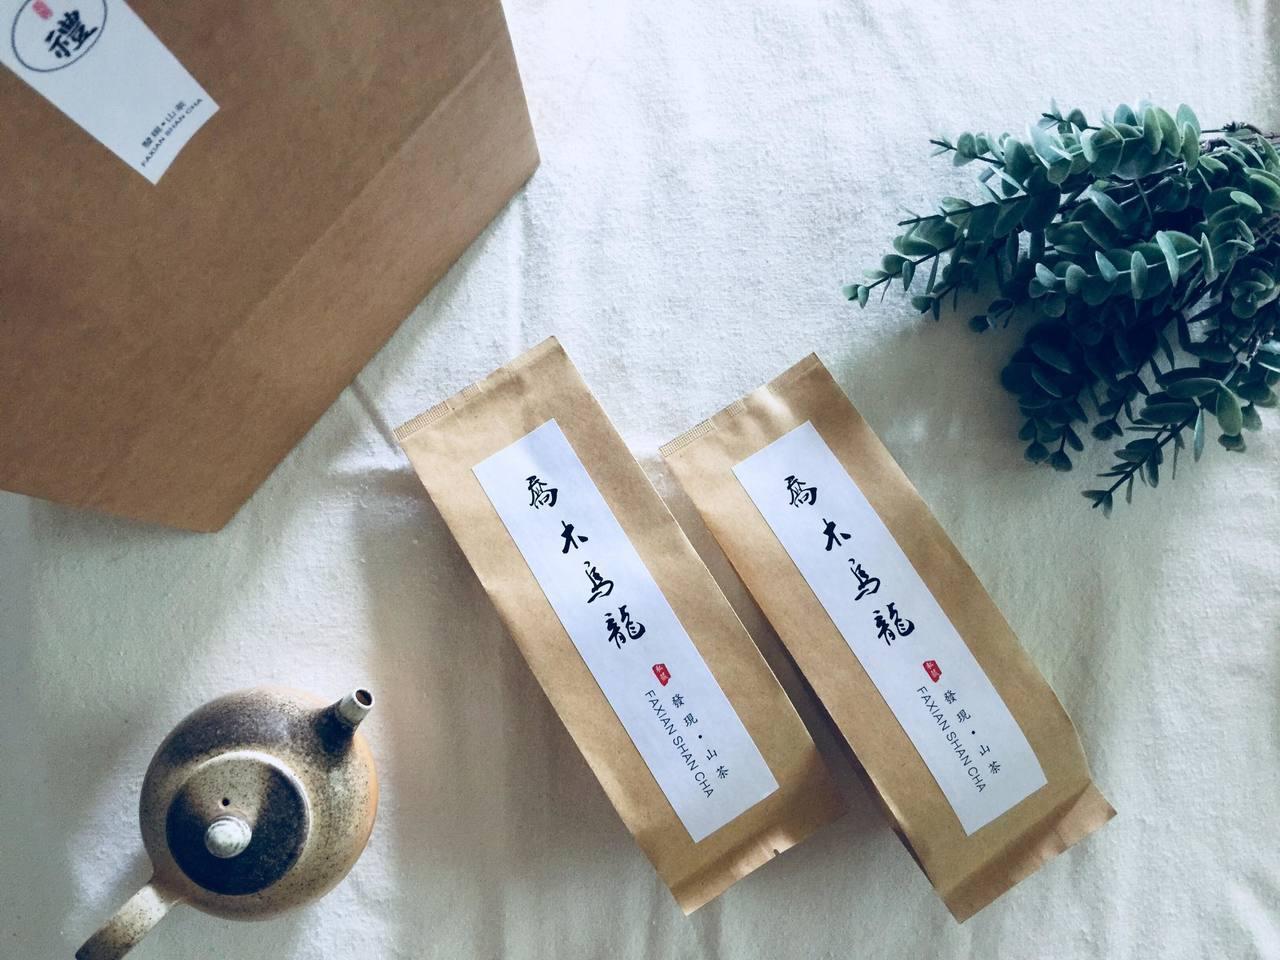 MLD Select生活選物店,六龜發現山茶。圖/微風提供